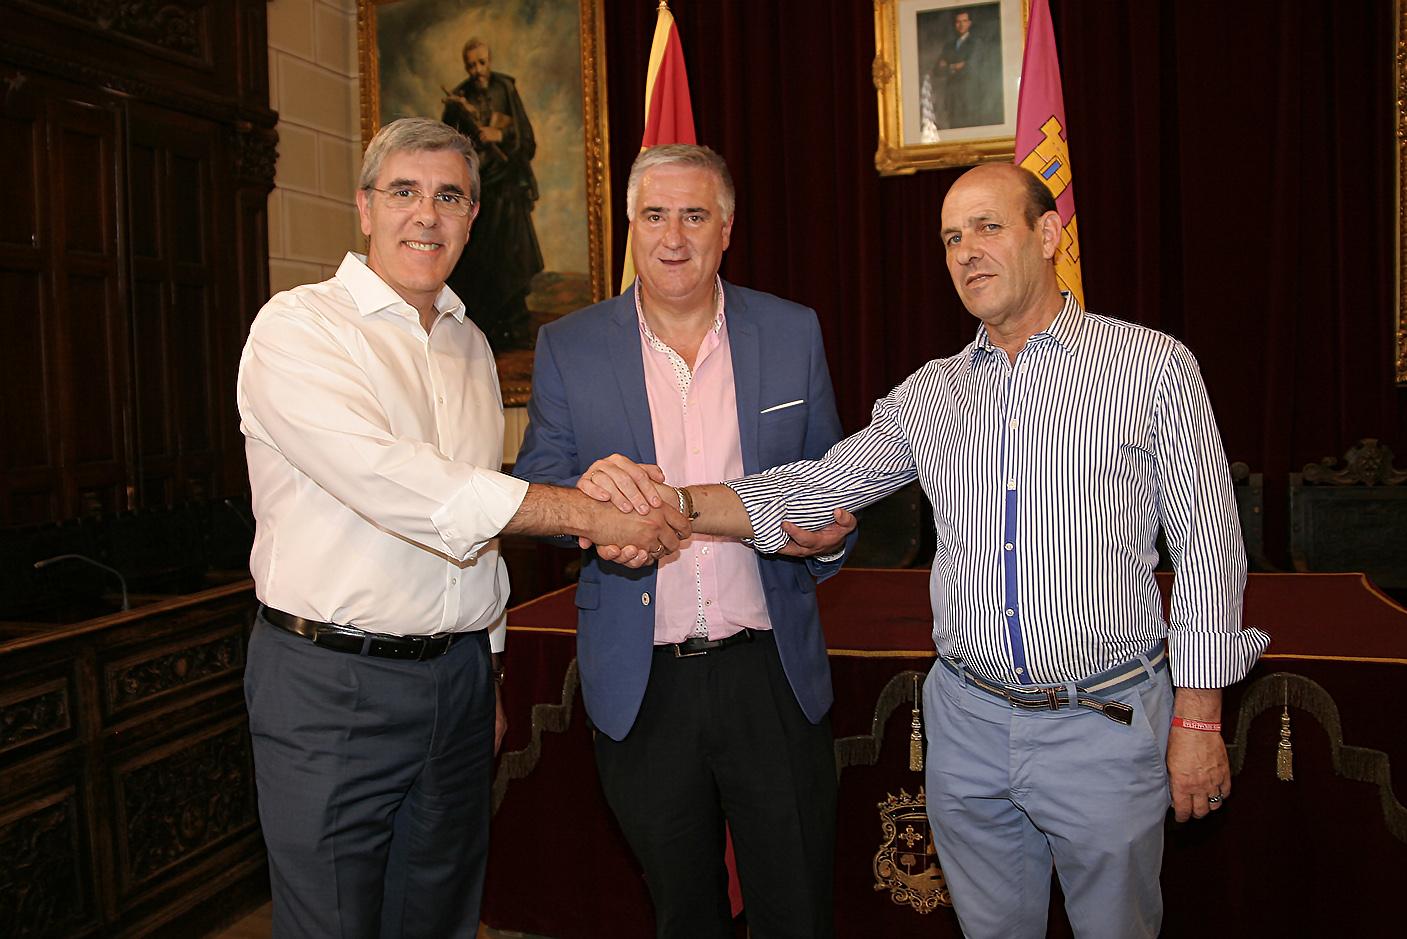 Martínez de Aguirre, Lozano y Real sellan el compromiso con este apretón de manos